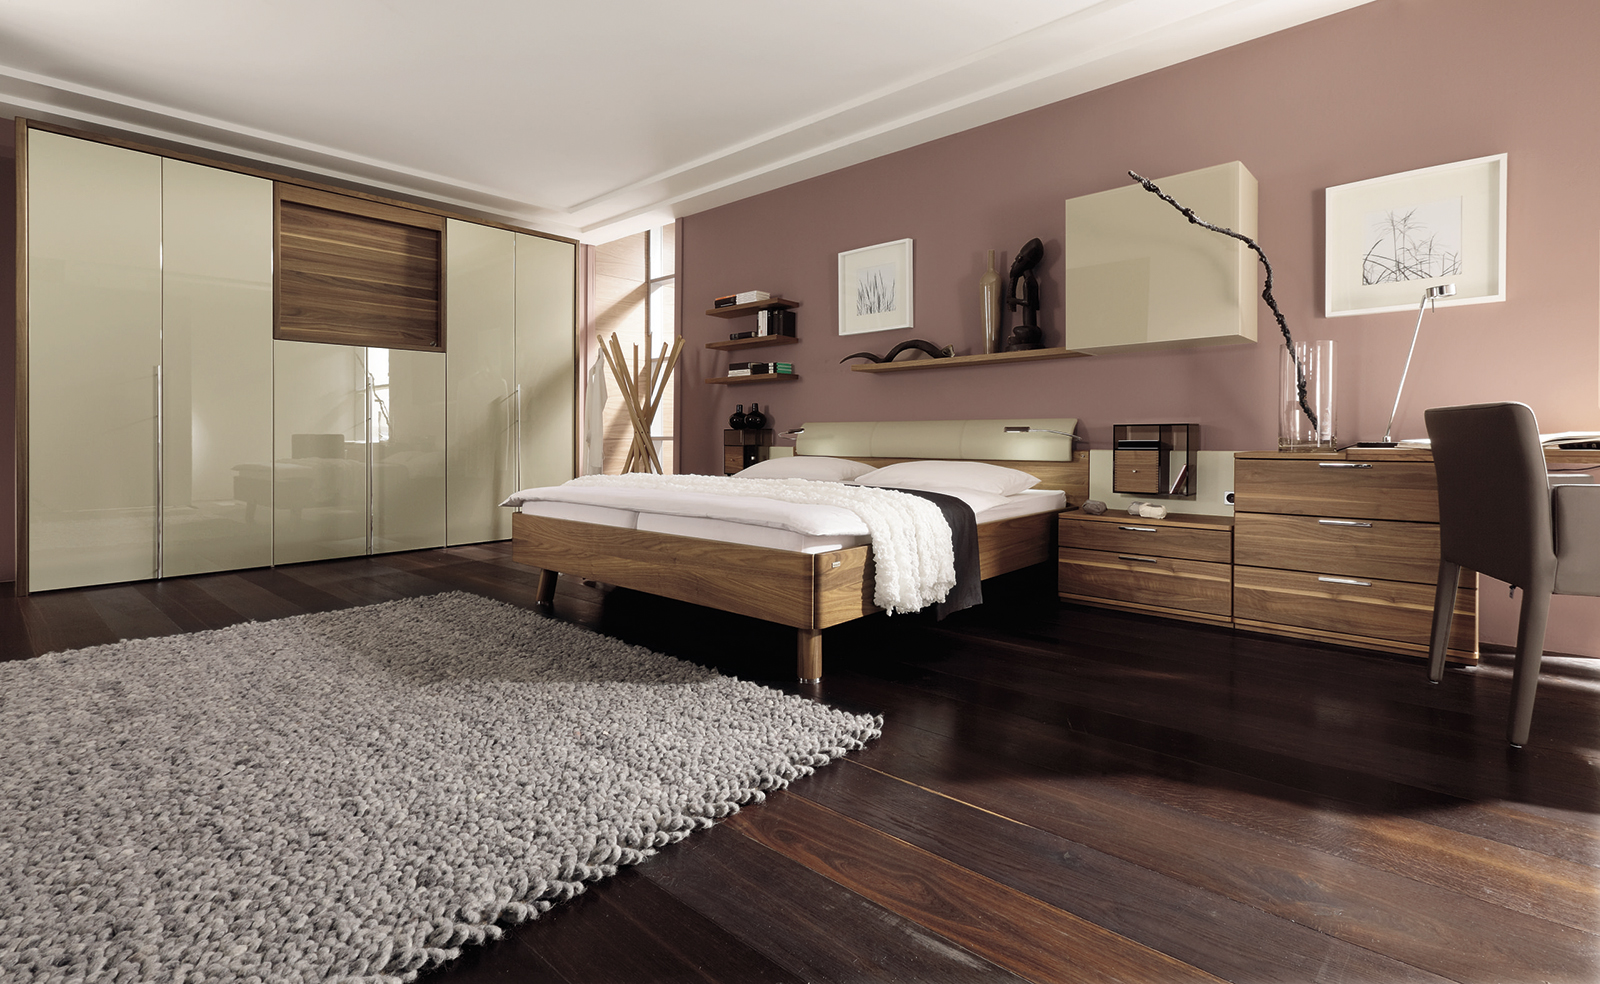 wohnzimmer gem tliches licht inspiration design raum und m bel f r ihre wohnkultur. Black Bedroom Furniture Sets. Home Design Ideas